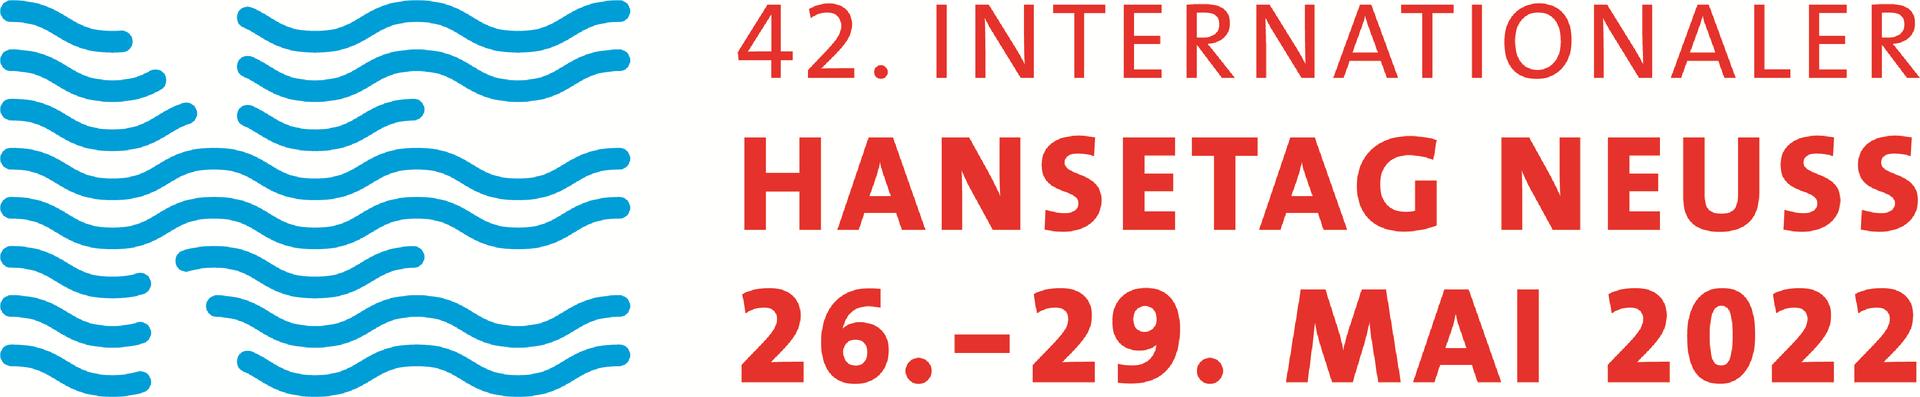 Logo hanse.png